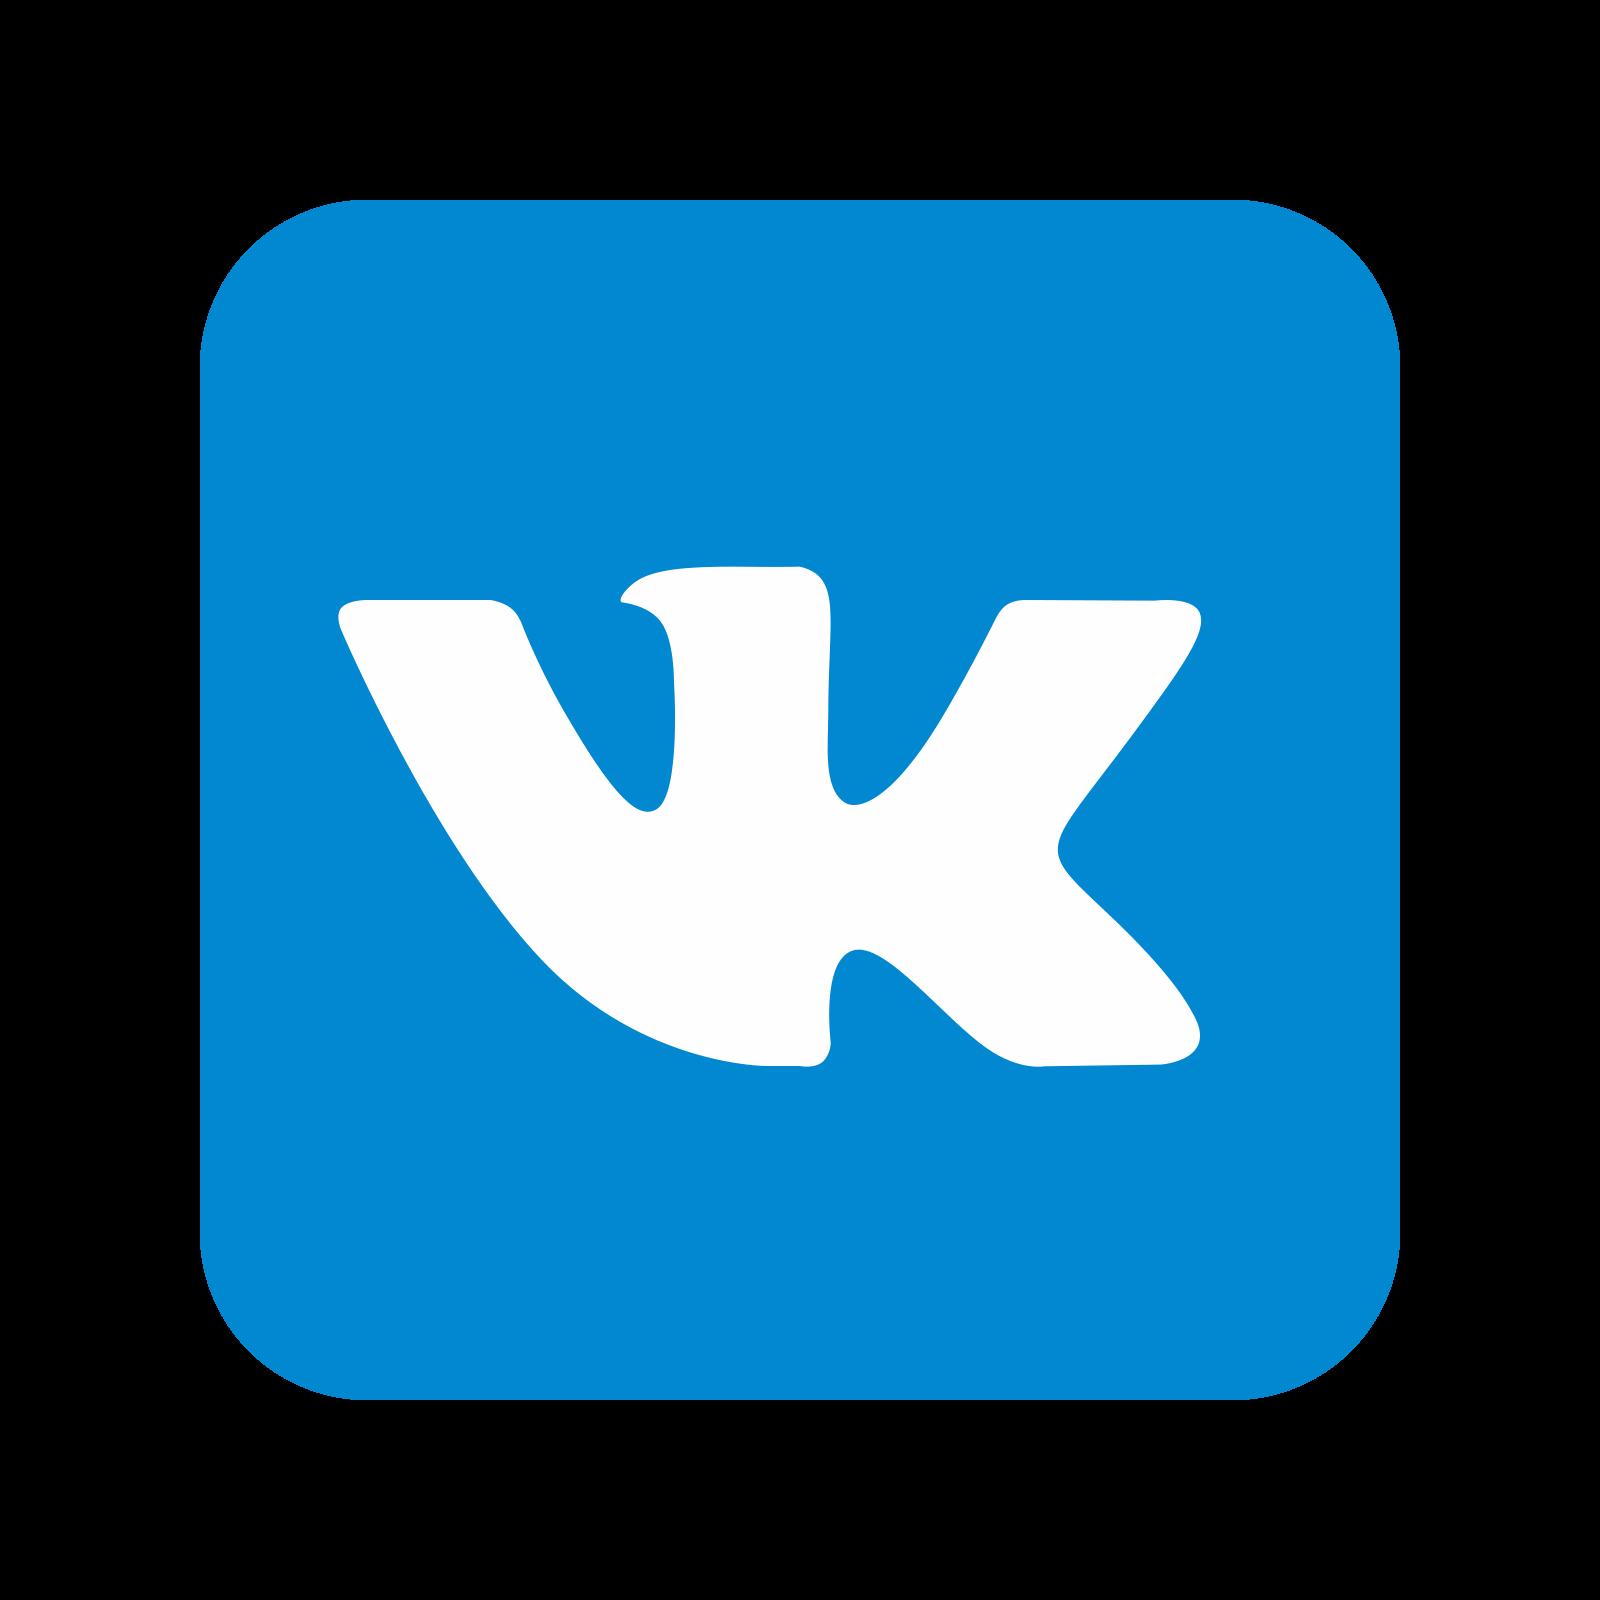 Вконтакте логотип PNG картинки скачать бесплатно